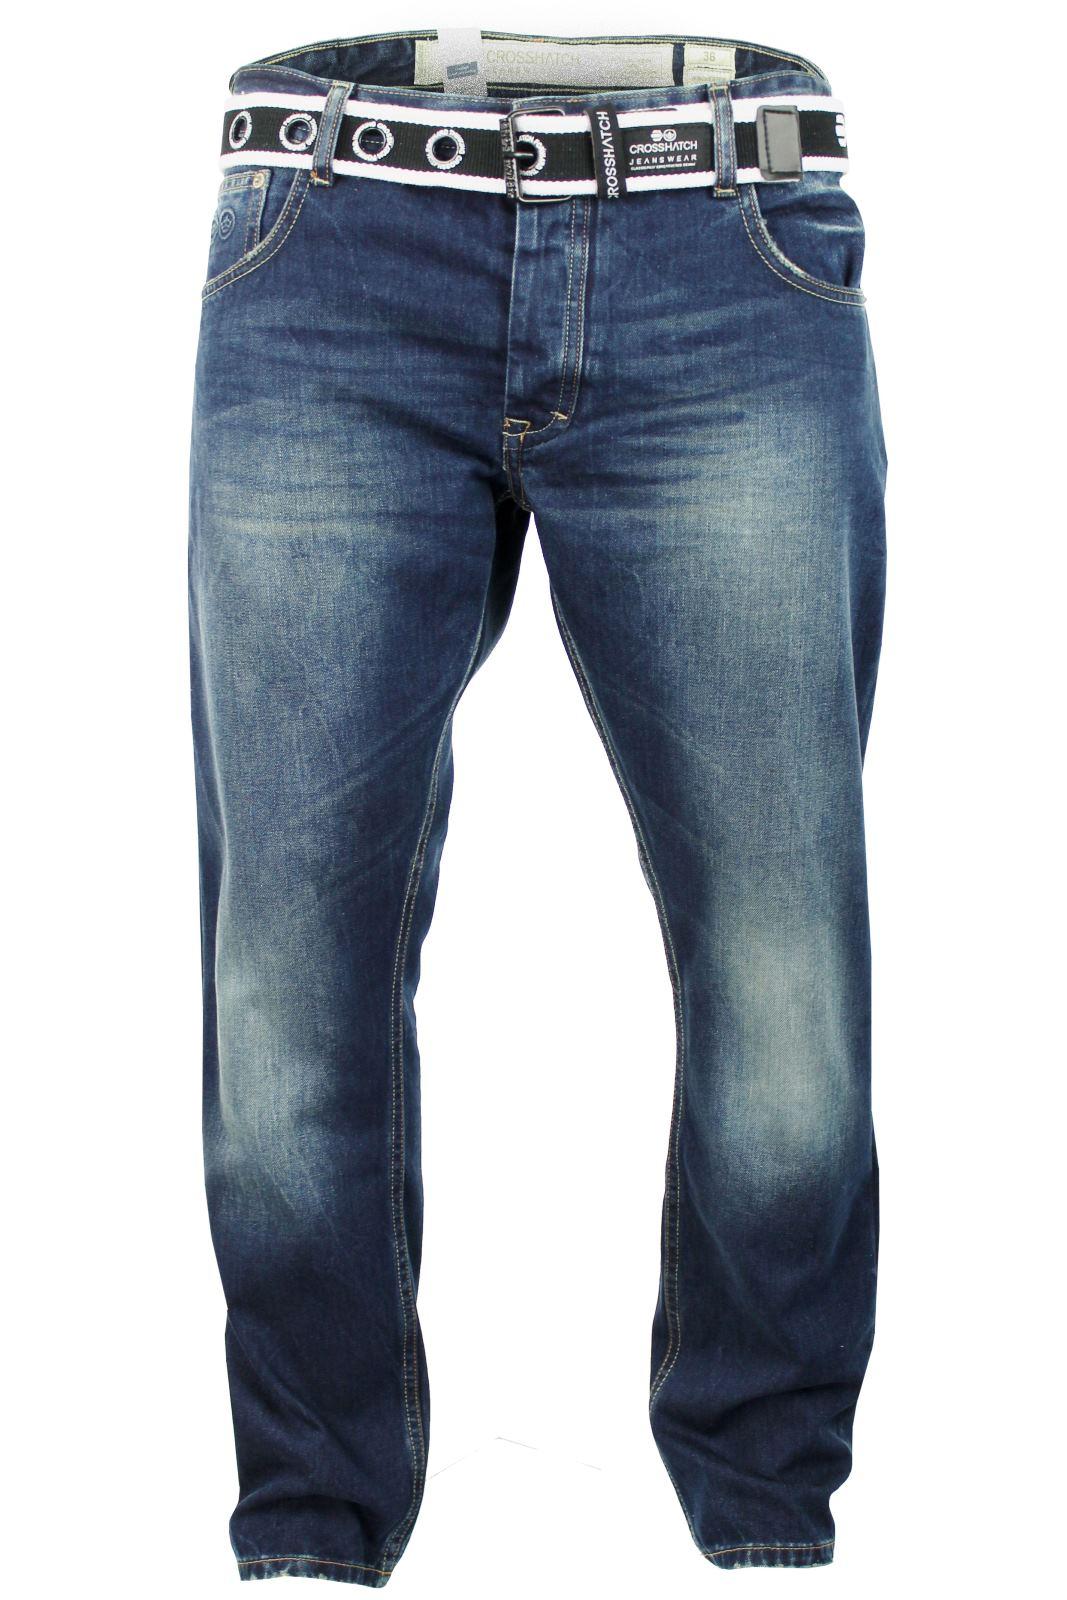 Crosshatch Jeans Raw Stone Washed Denim Button Fly | eBay